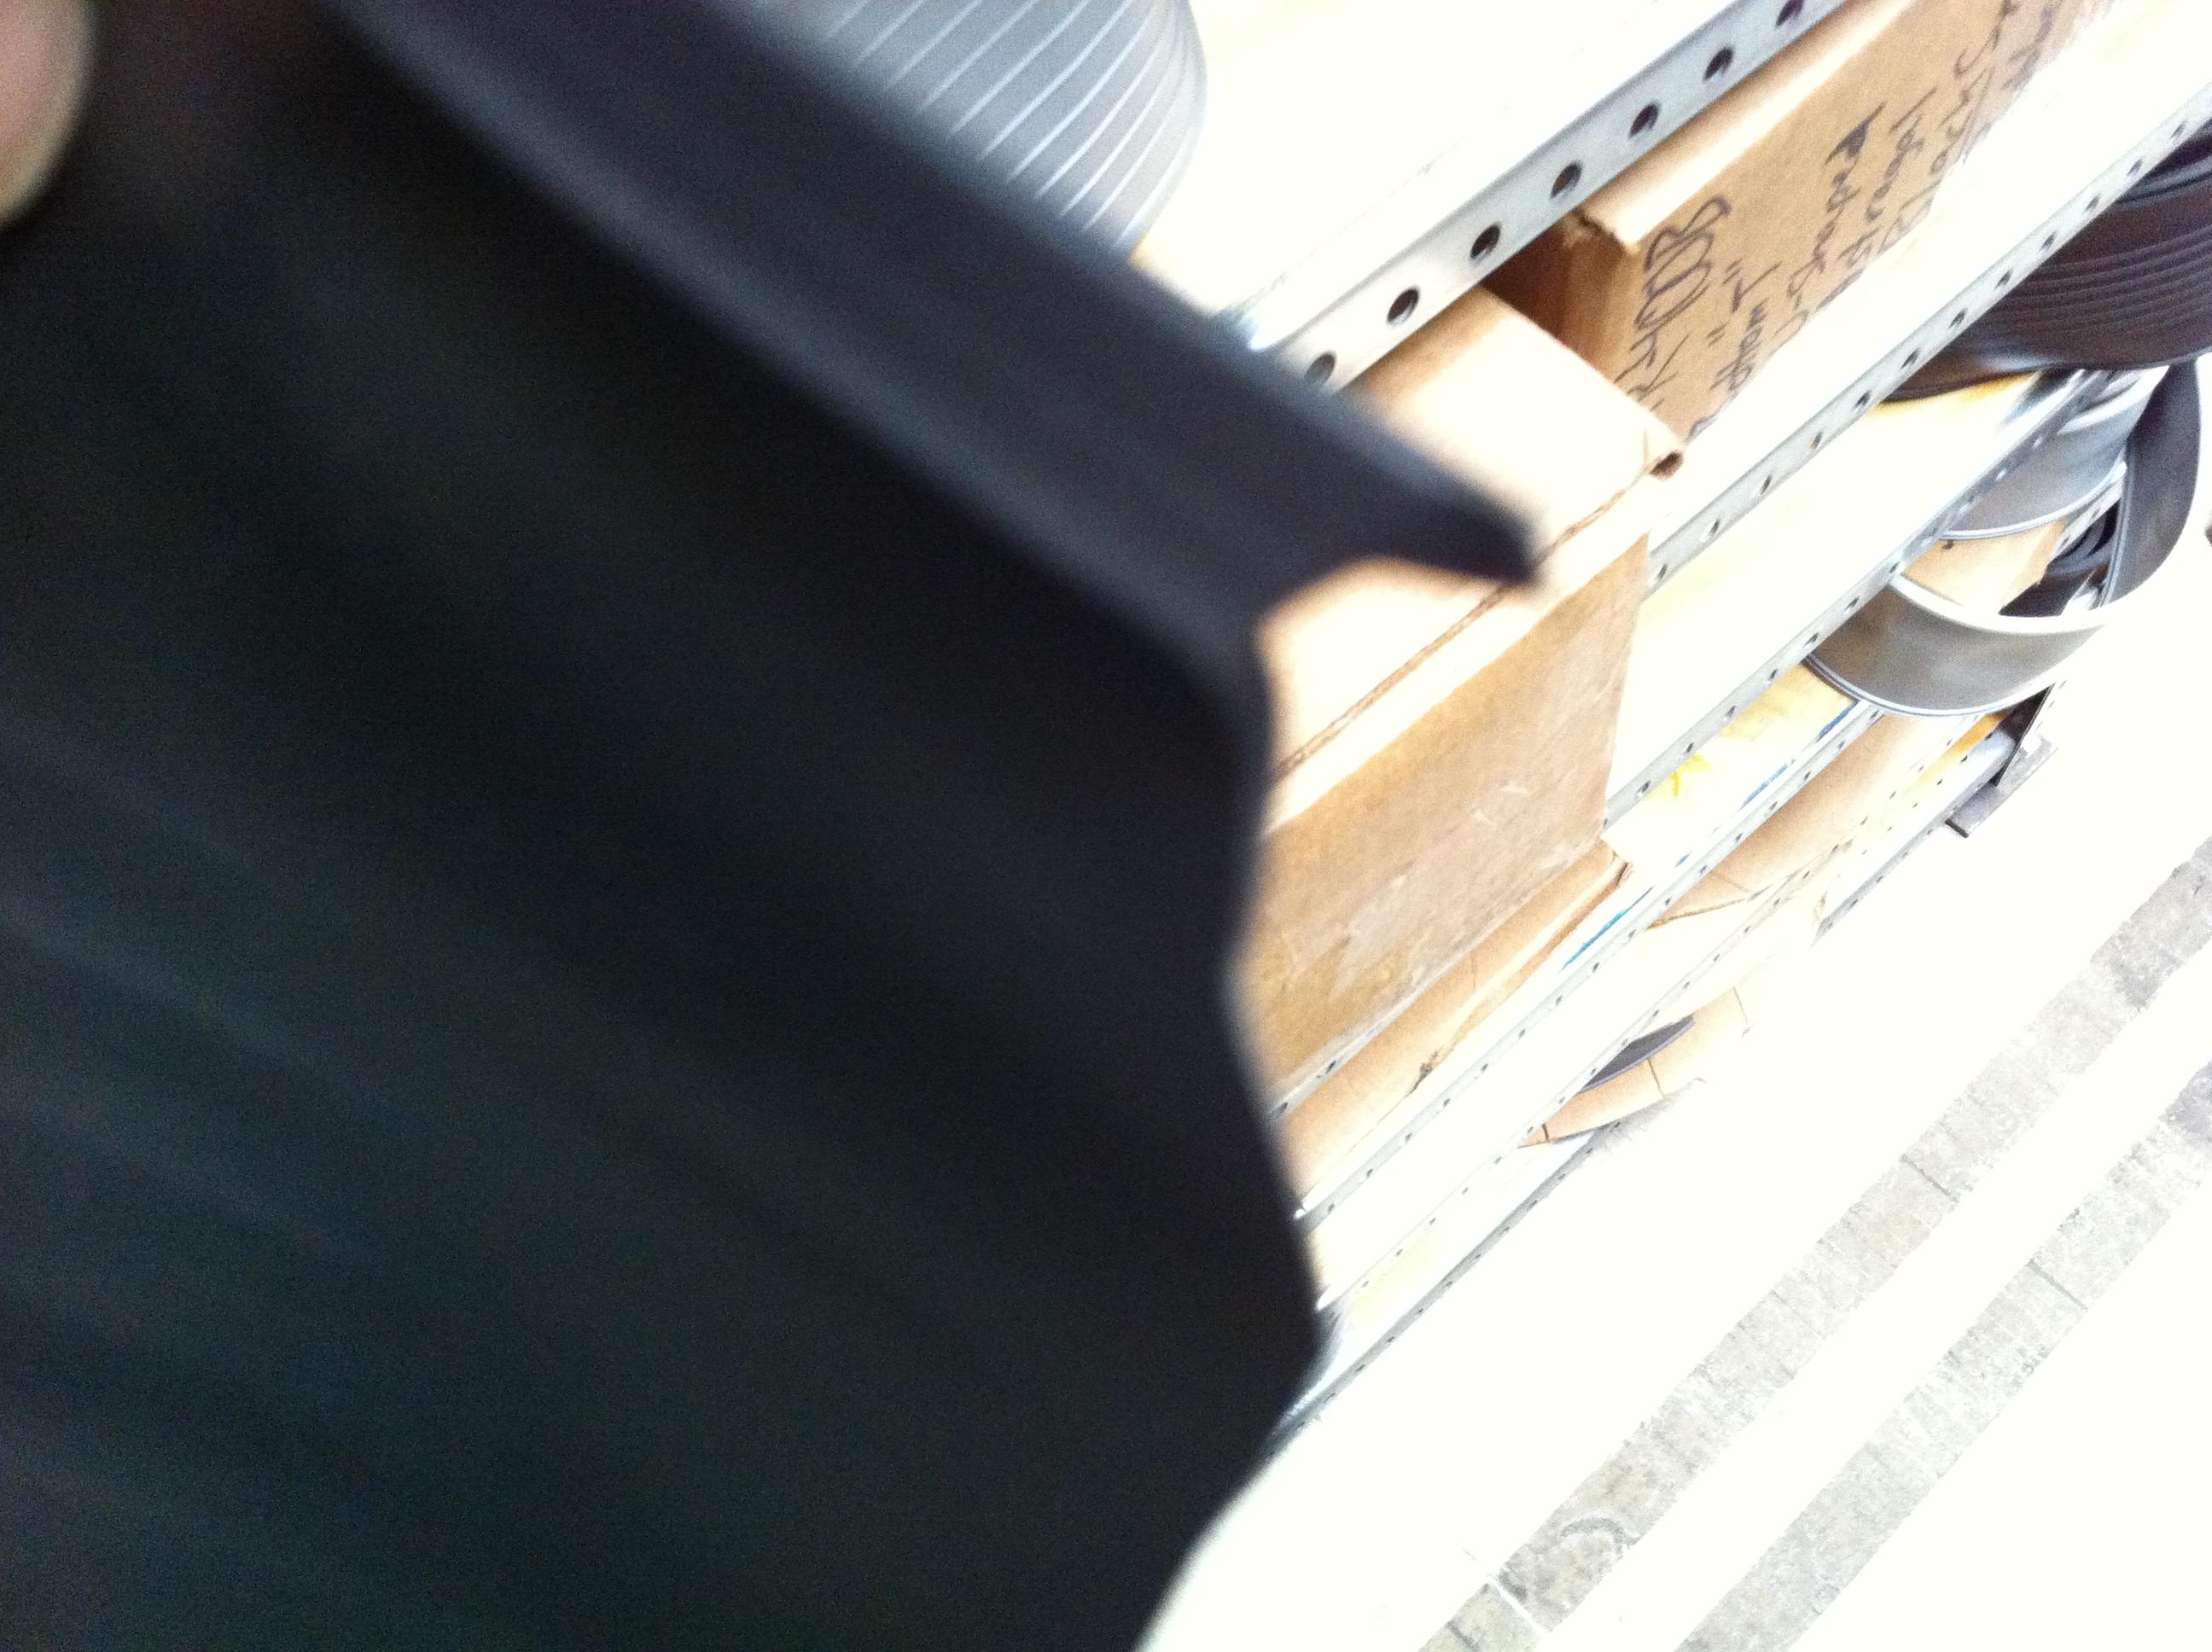 clopay bottom weatherstripping - Garage Door Bottom Weather Seal